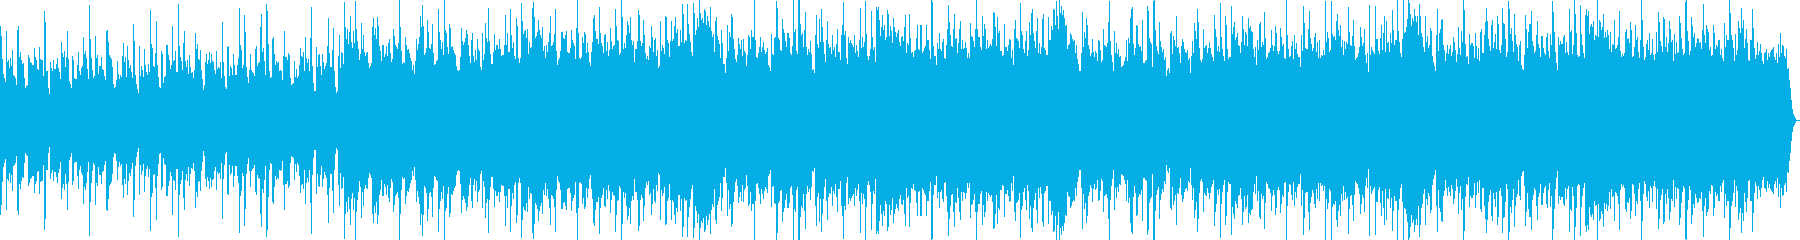 ファンタシーなジャズ風BGMの再生済みの波形